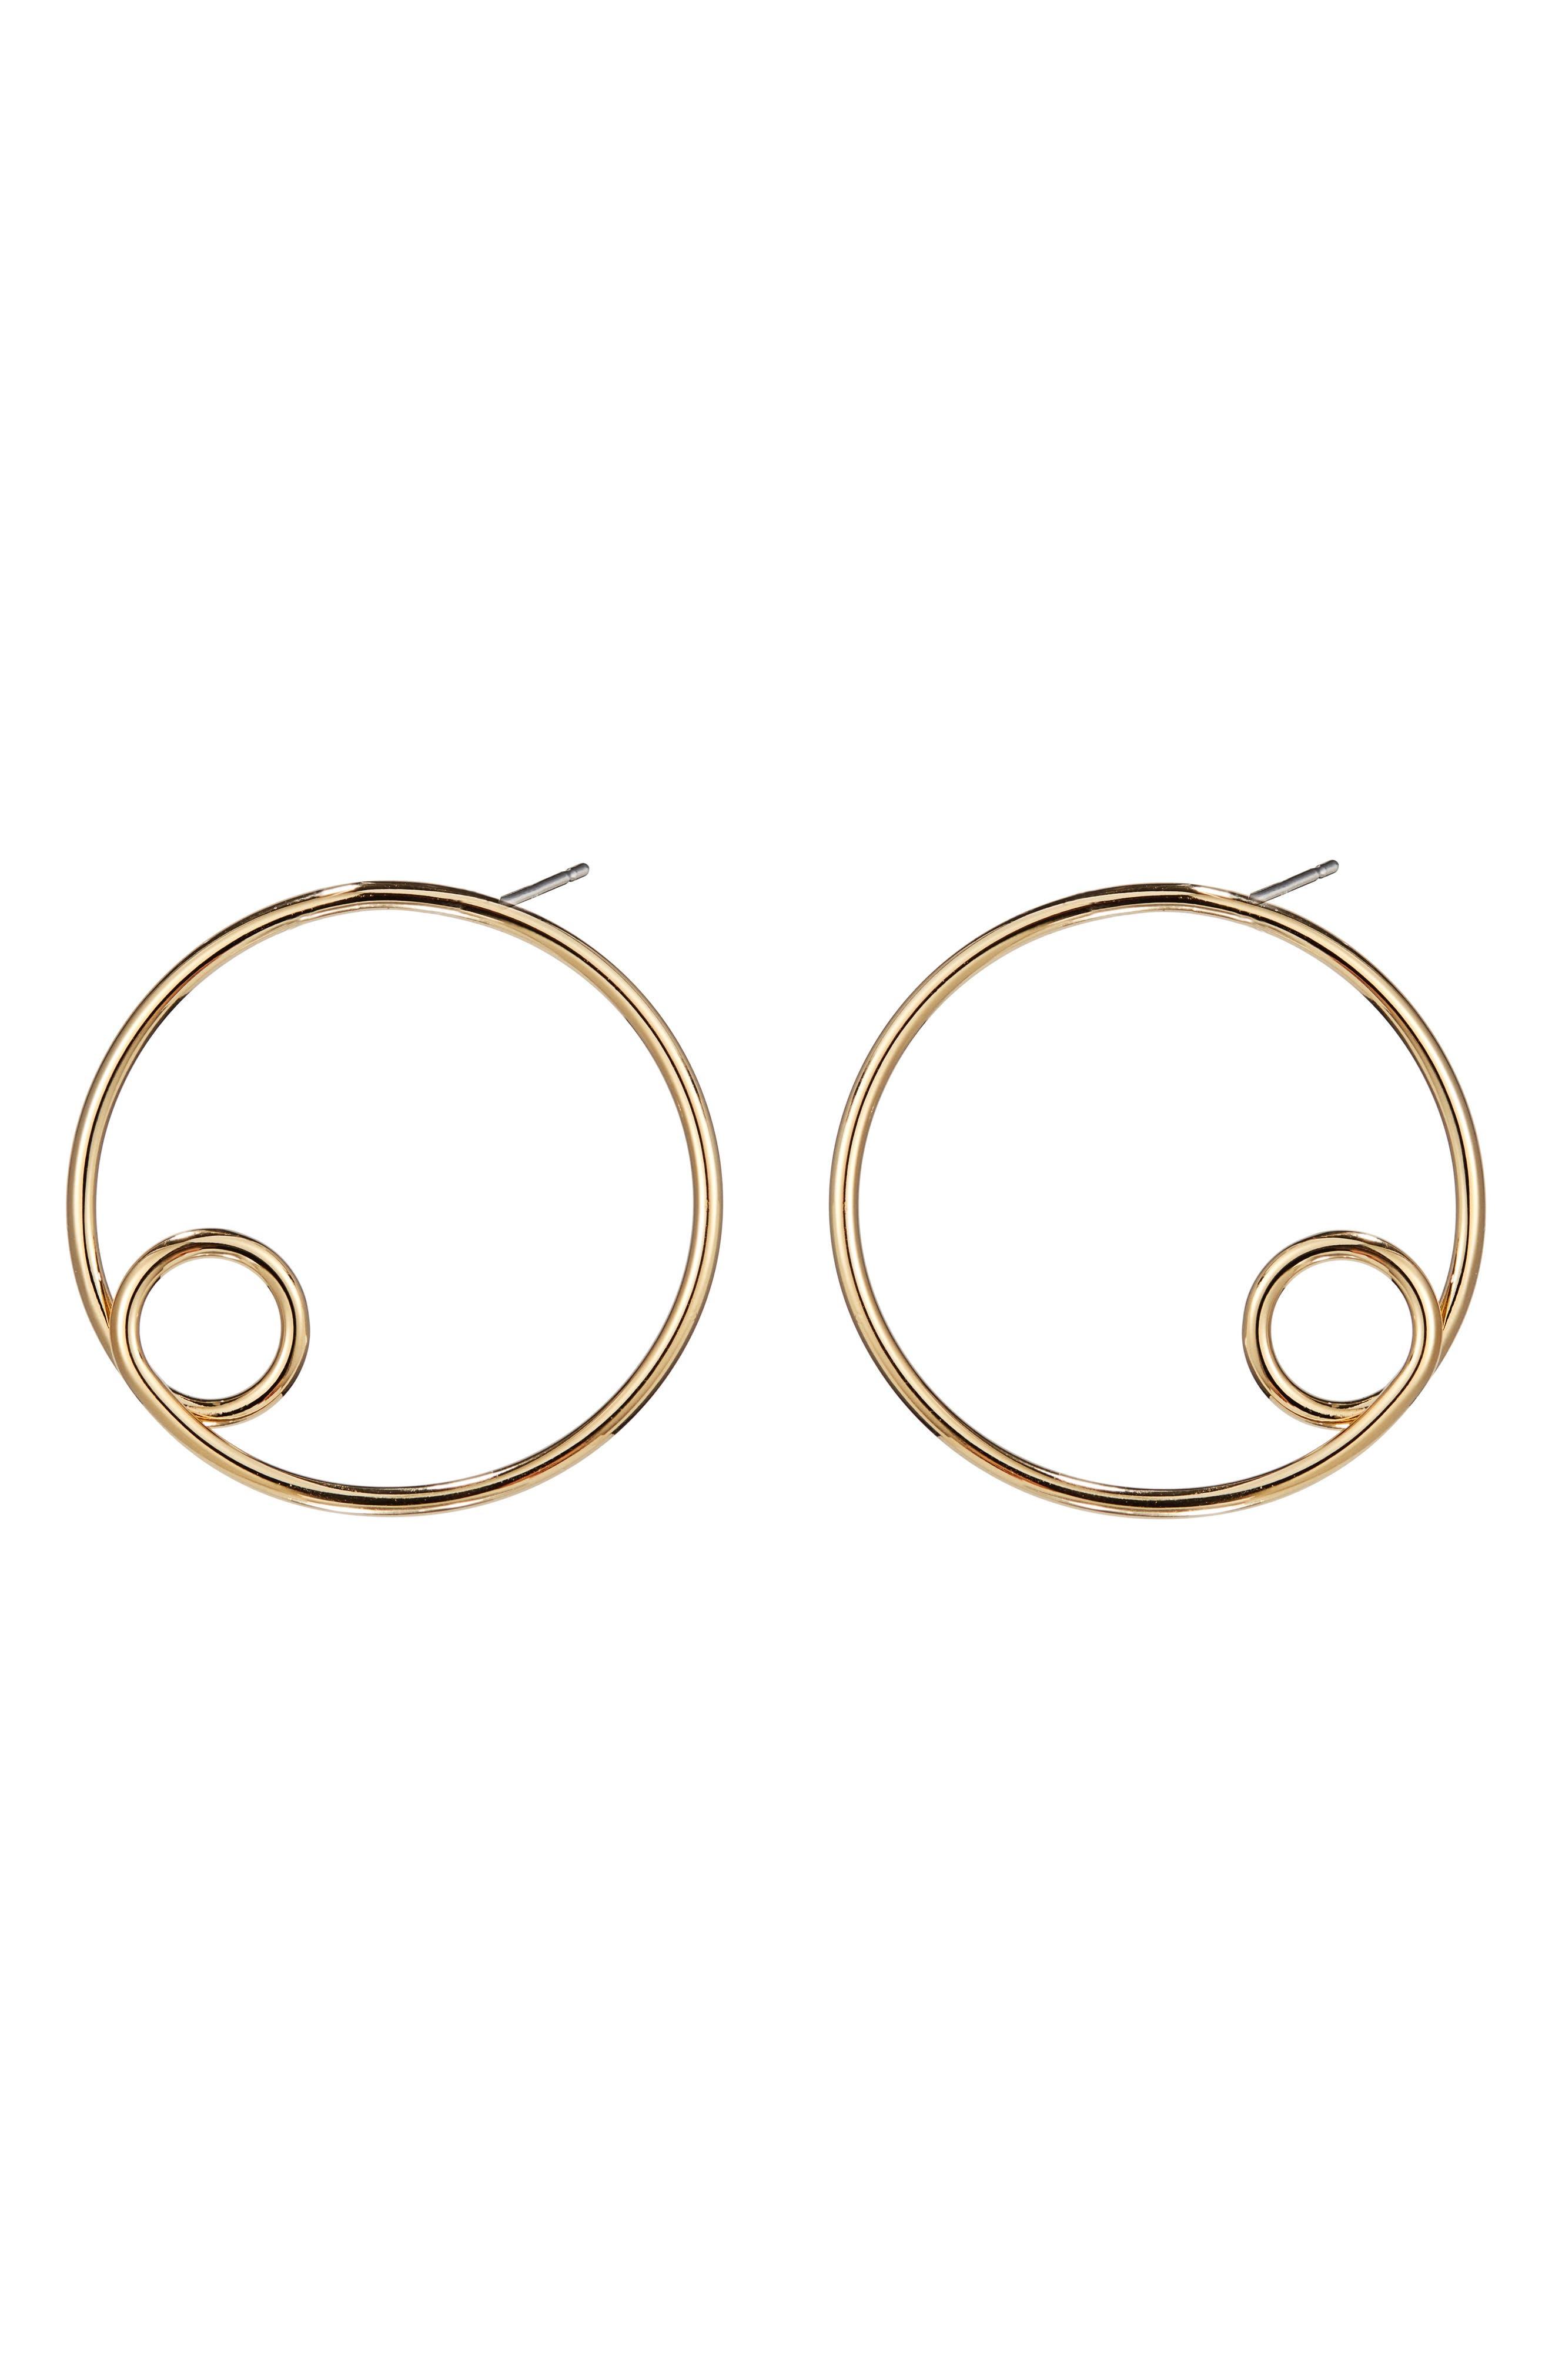 Otis Hoop Earrings,                             Main thumbnail 1, color,                             High Polish Gold